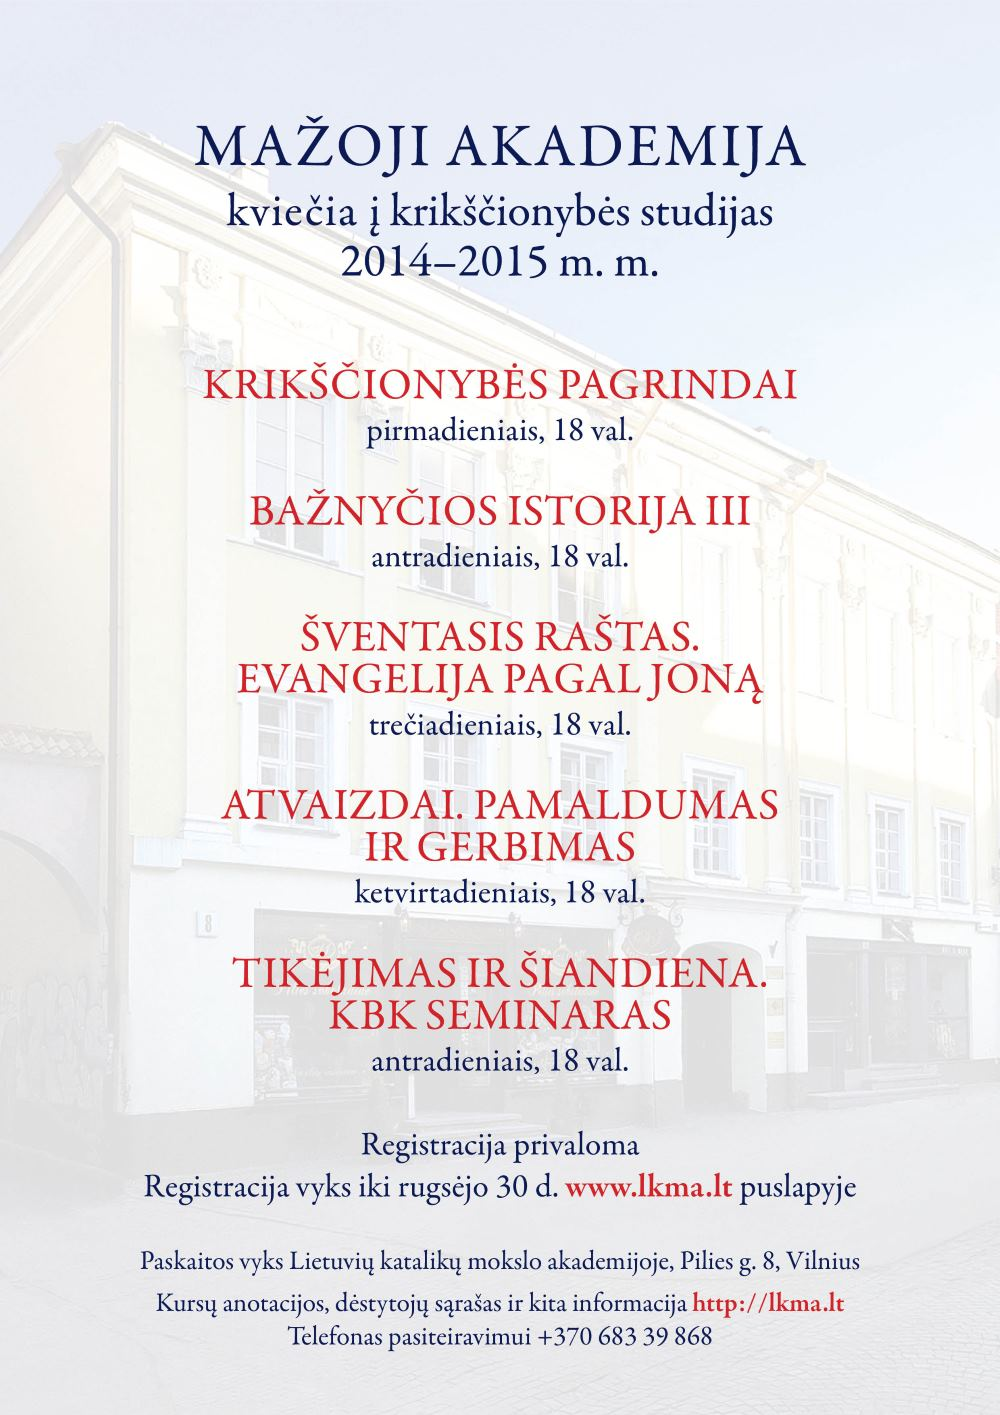 plakatas pakaitoms 2015 m